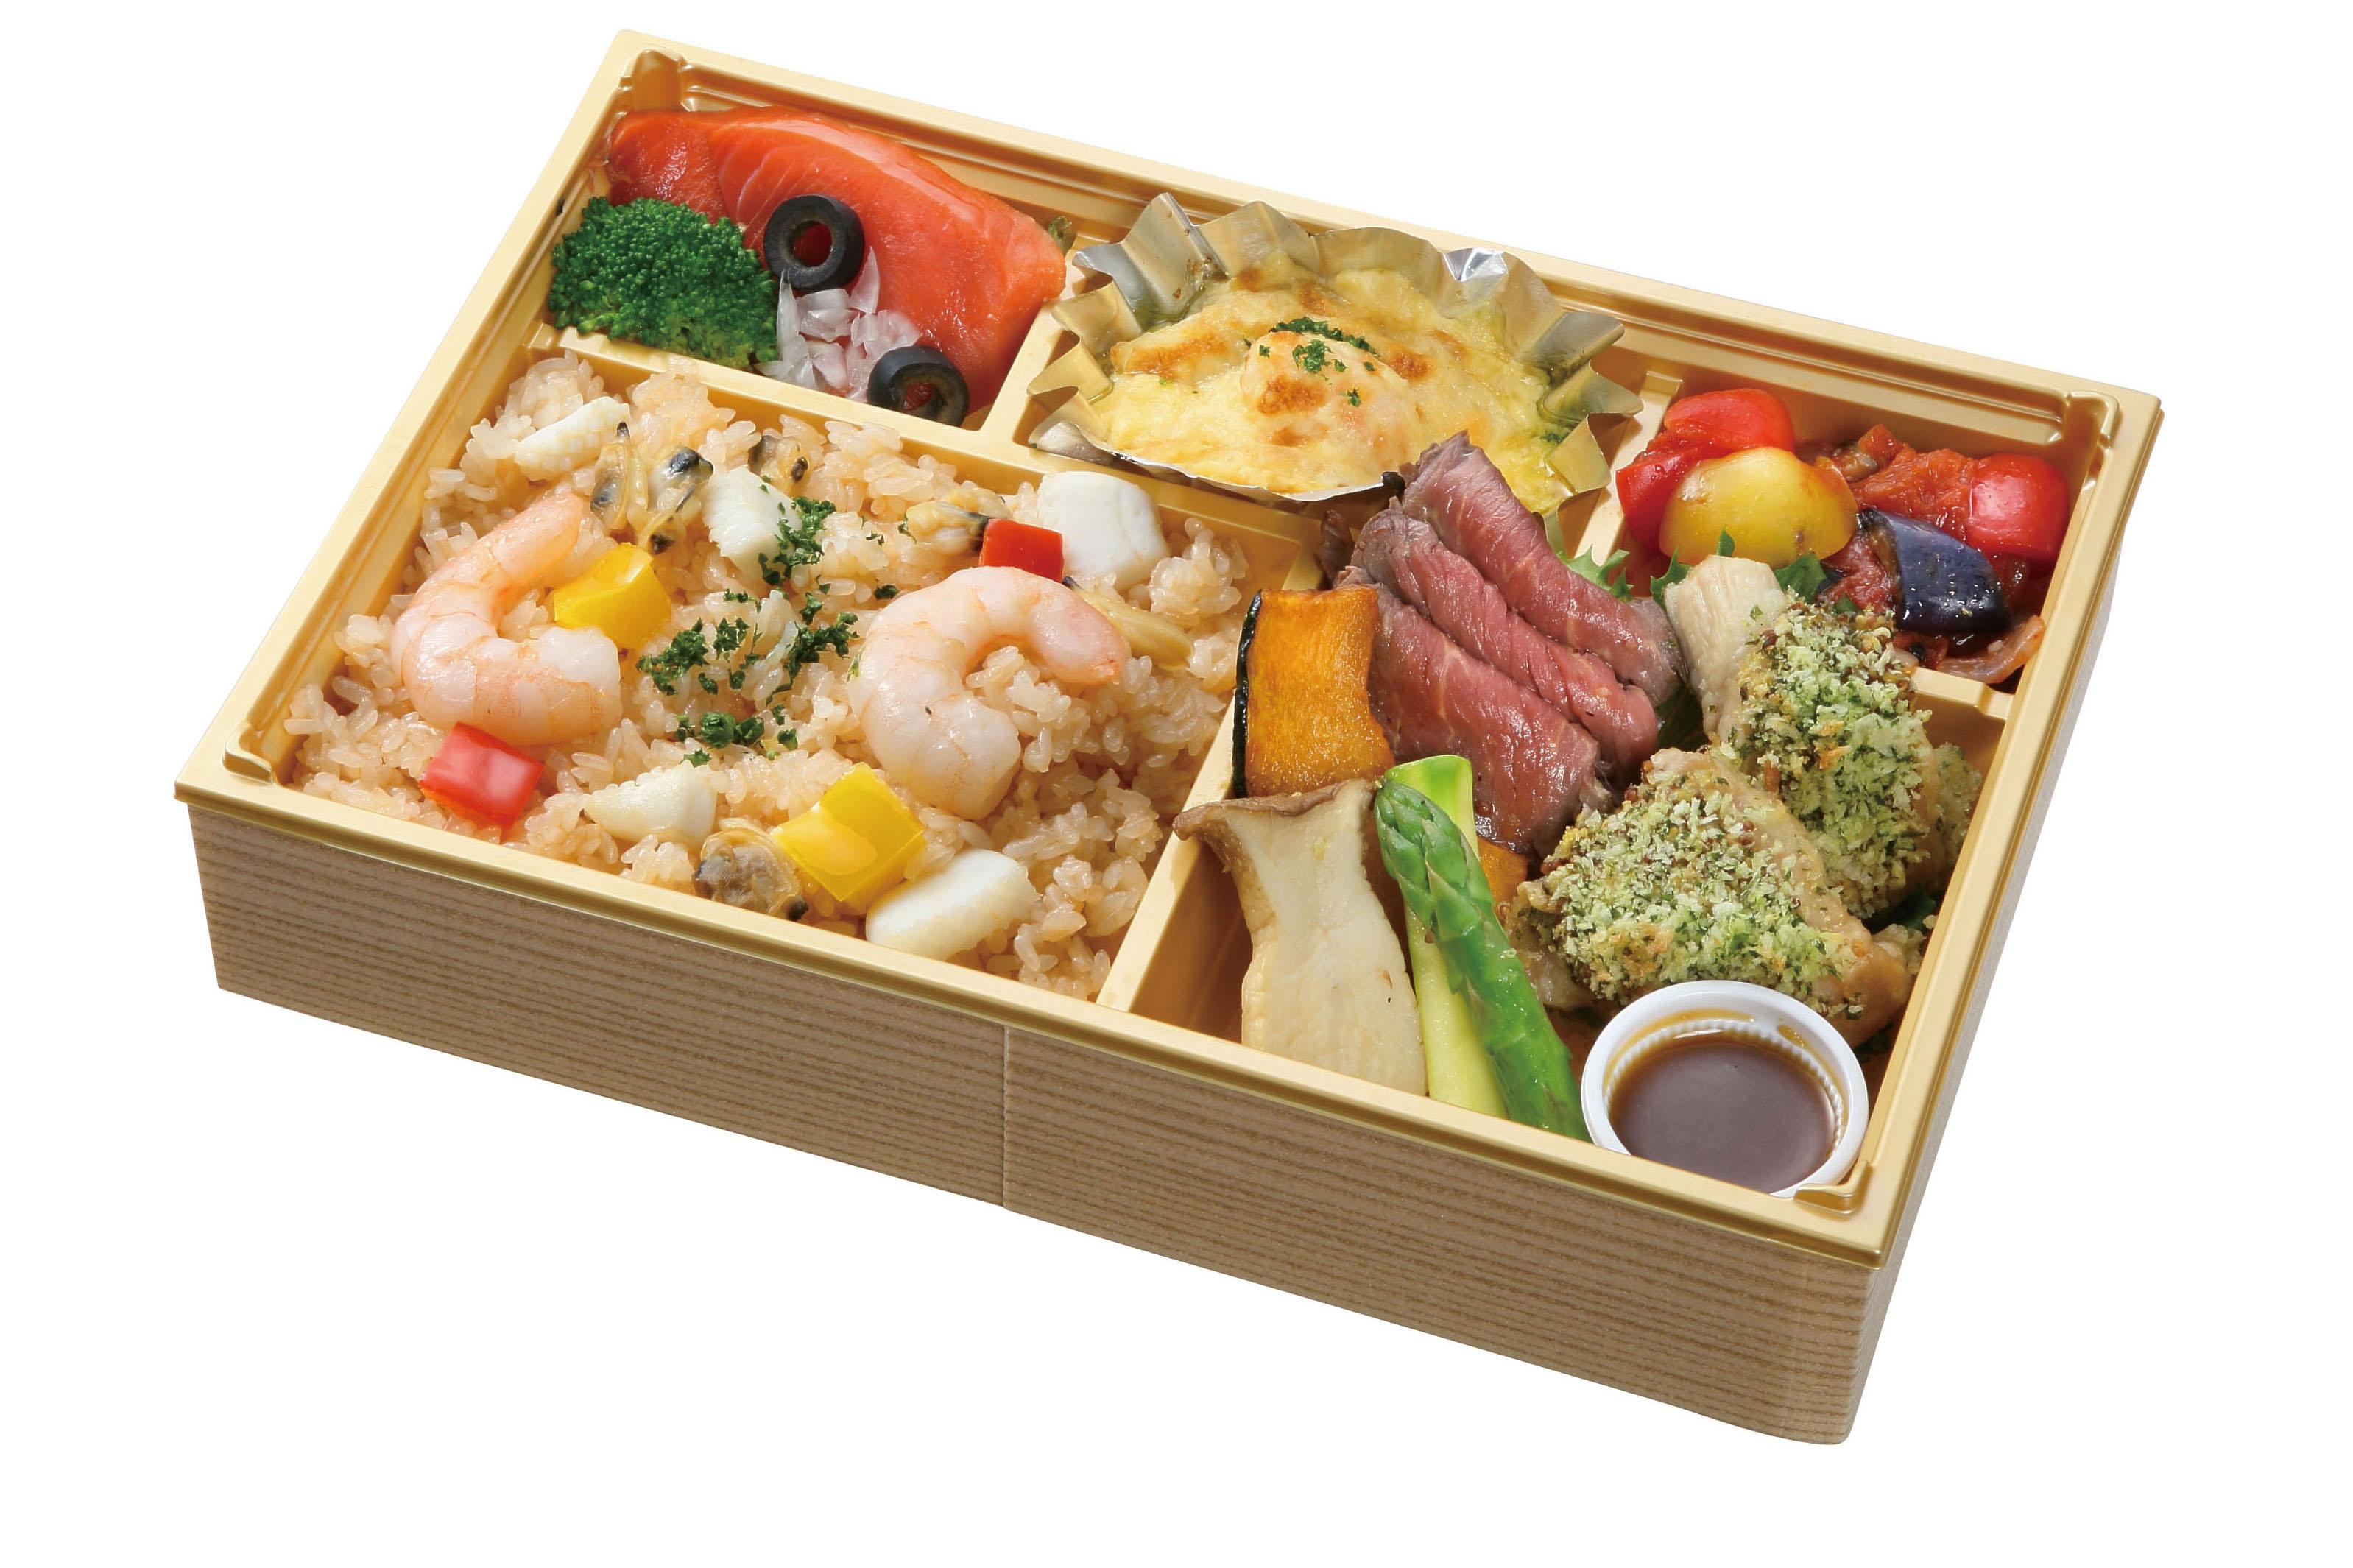 ランチの大人気の幕の内 税込1800円です。 ごはん、味噌汁、お